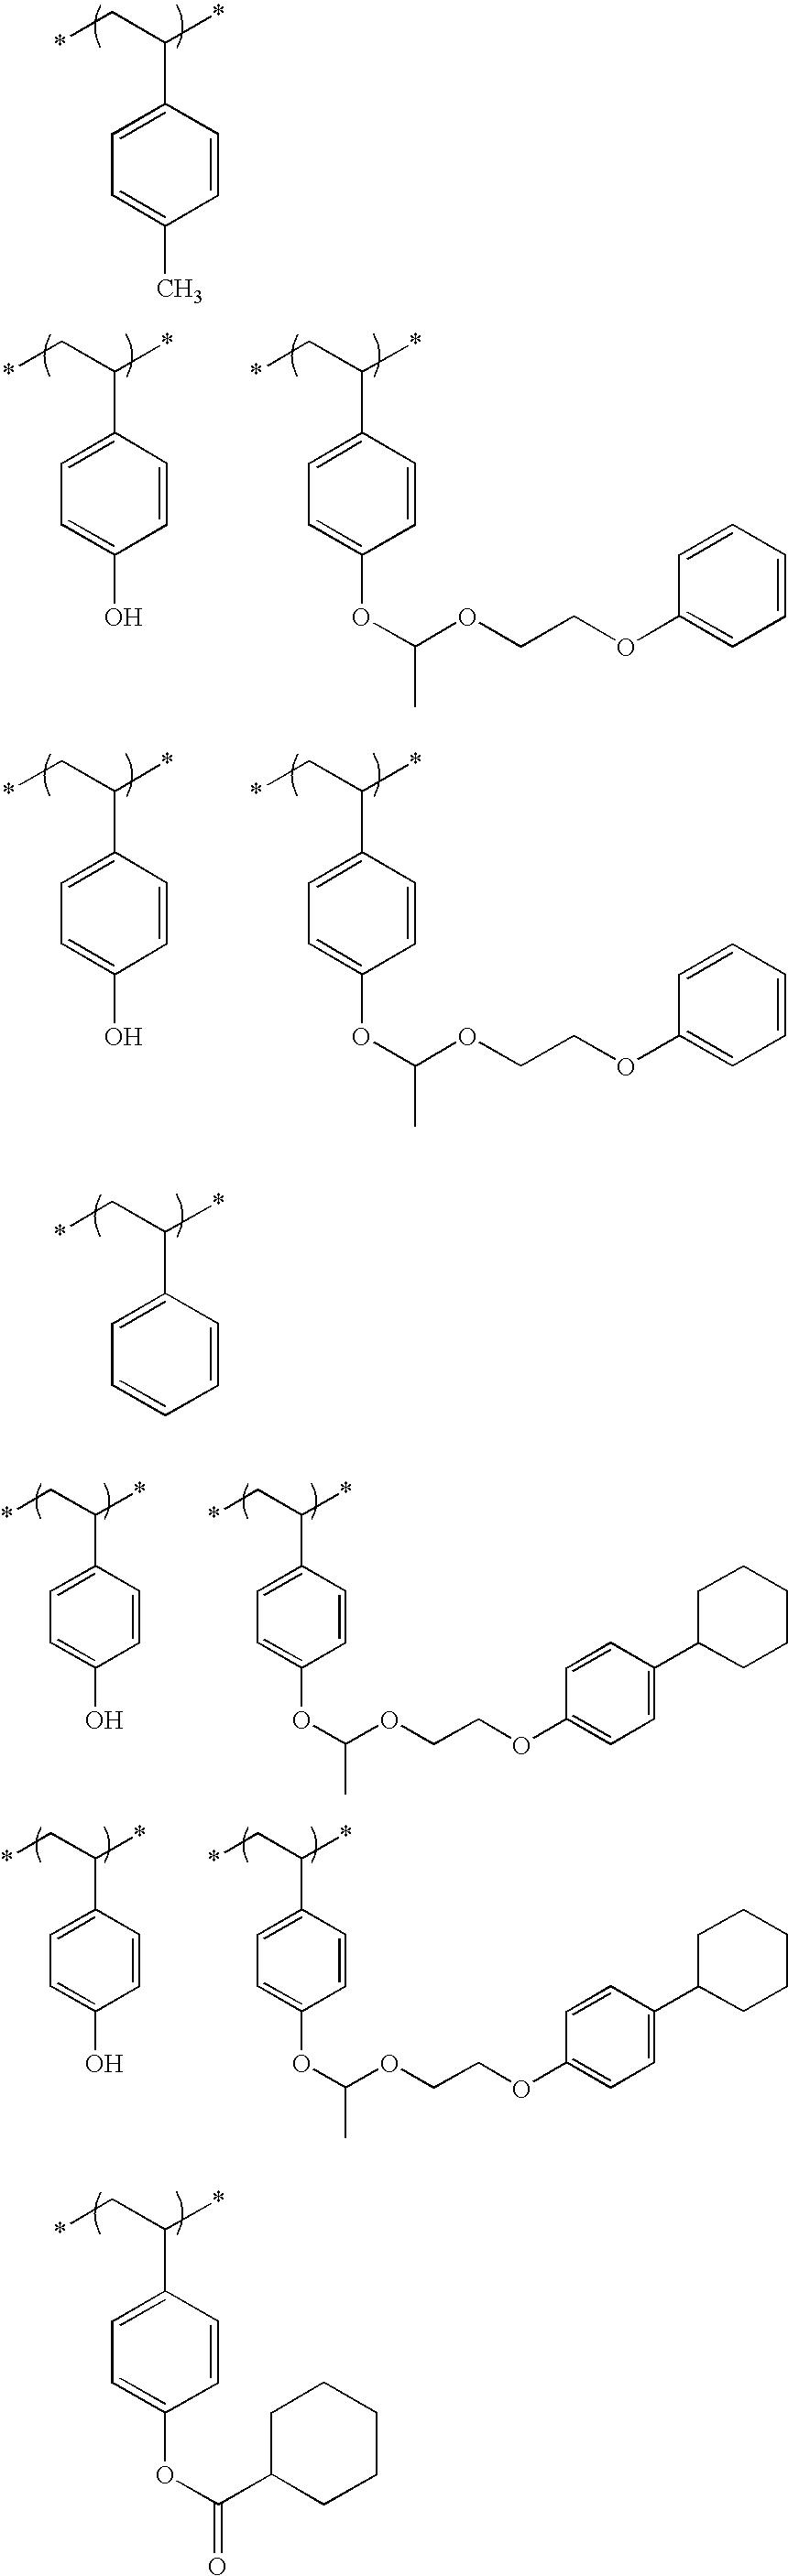 Figure US20100183975A1-20100722-C00213